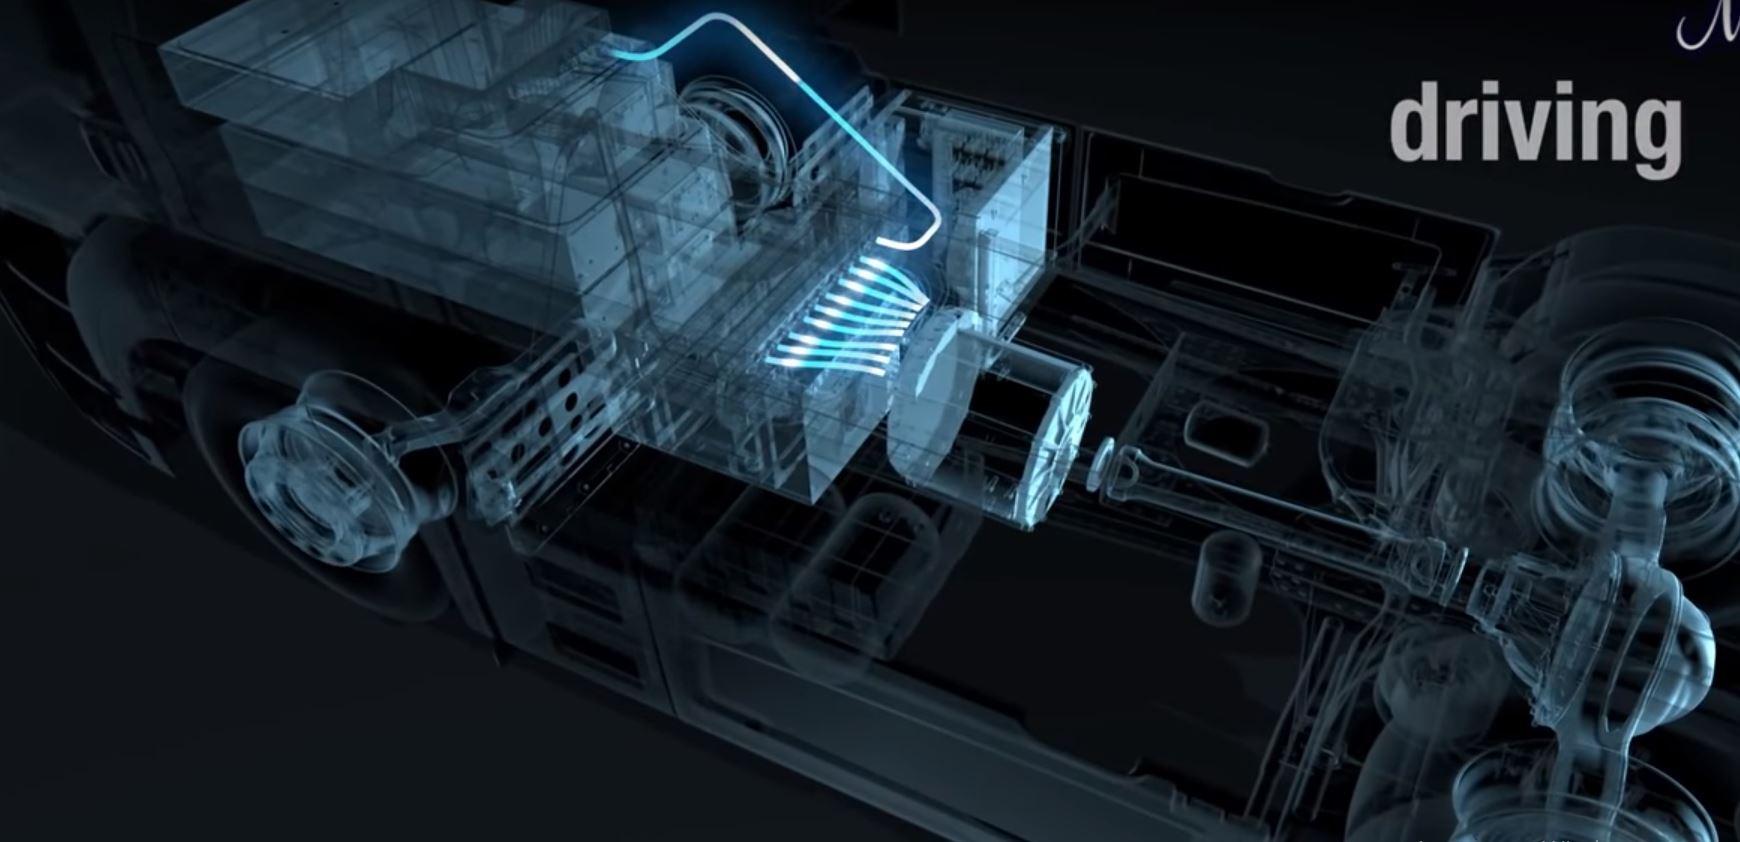 Замена дизельного двигателя тягача на электрический возможна уже в скором будущем